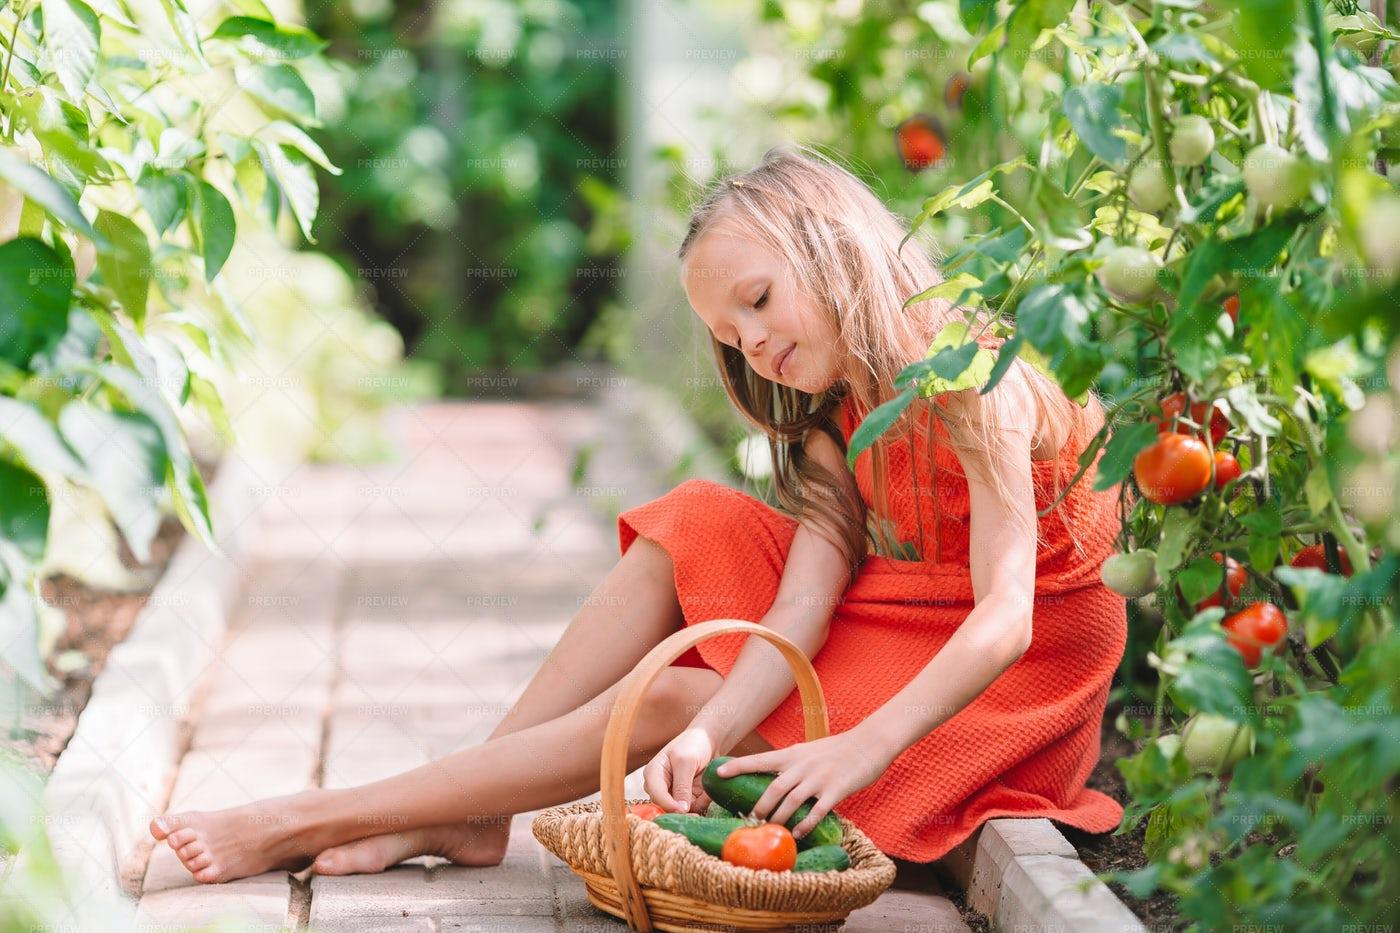 Helping In The Garden: Stock Photos